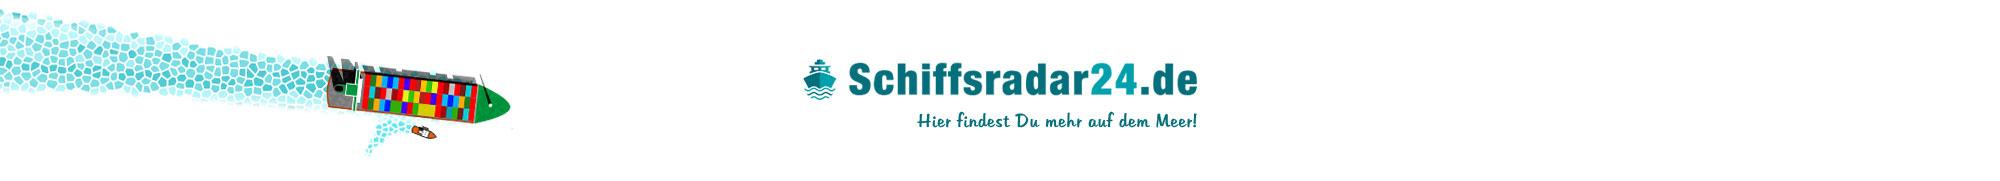 Banner von Schiffsradar24.de